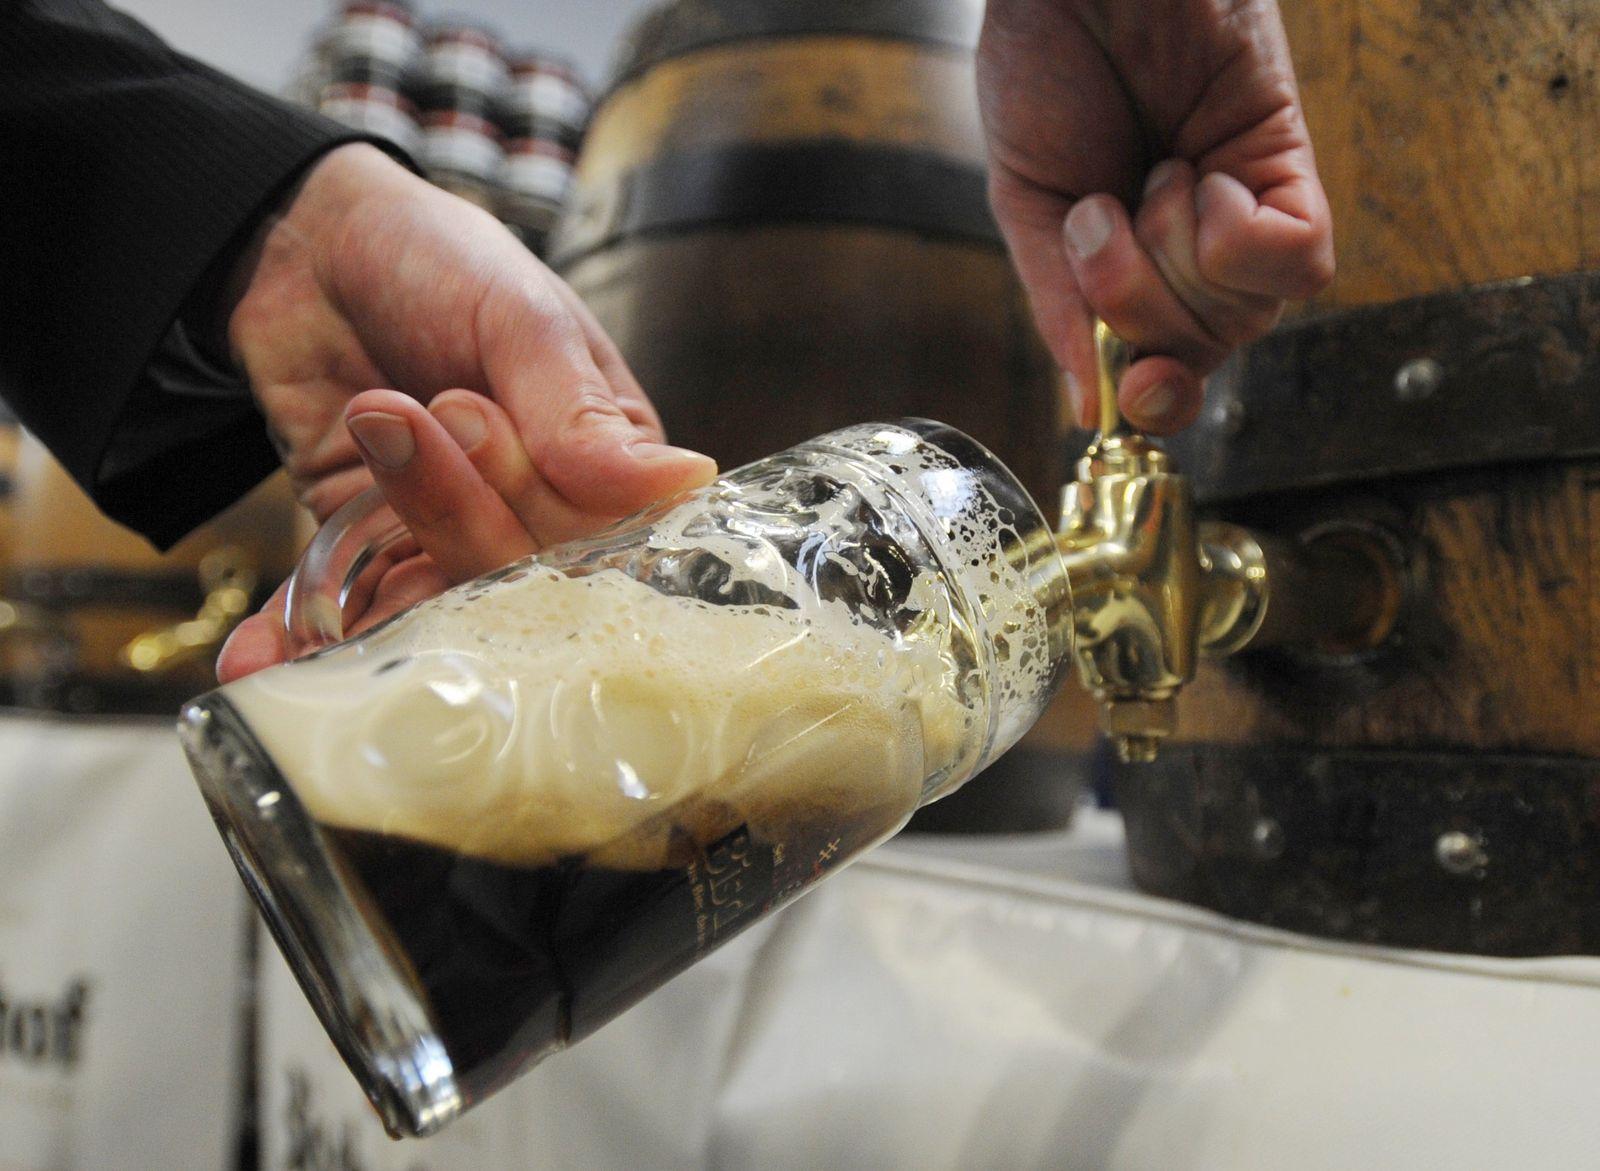 Bürgermeister lernen Bier-Anzapfen